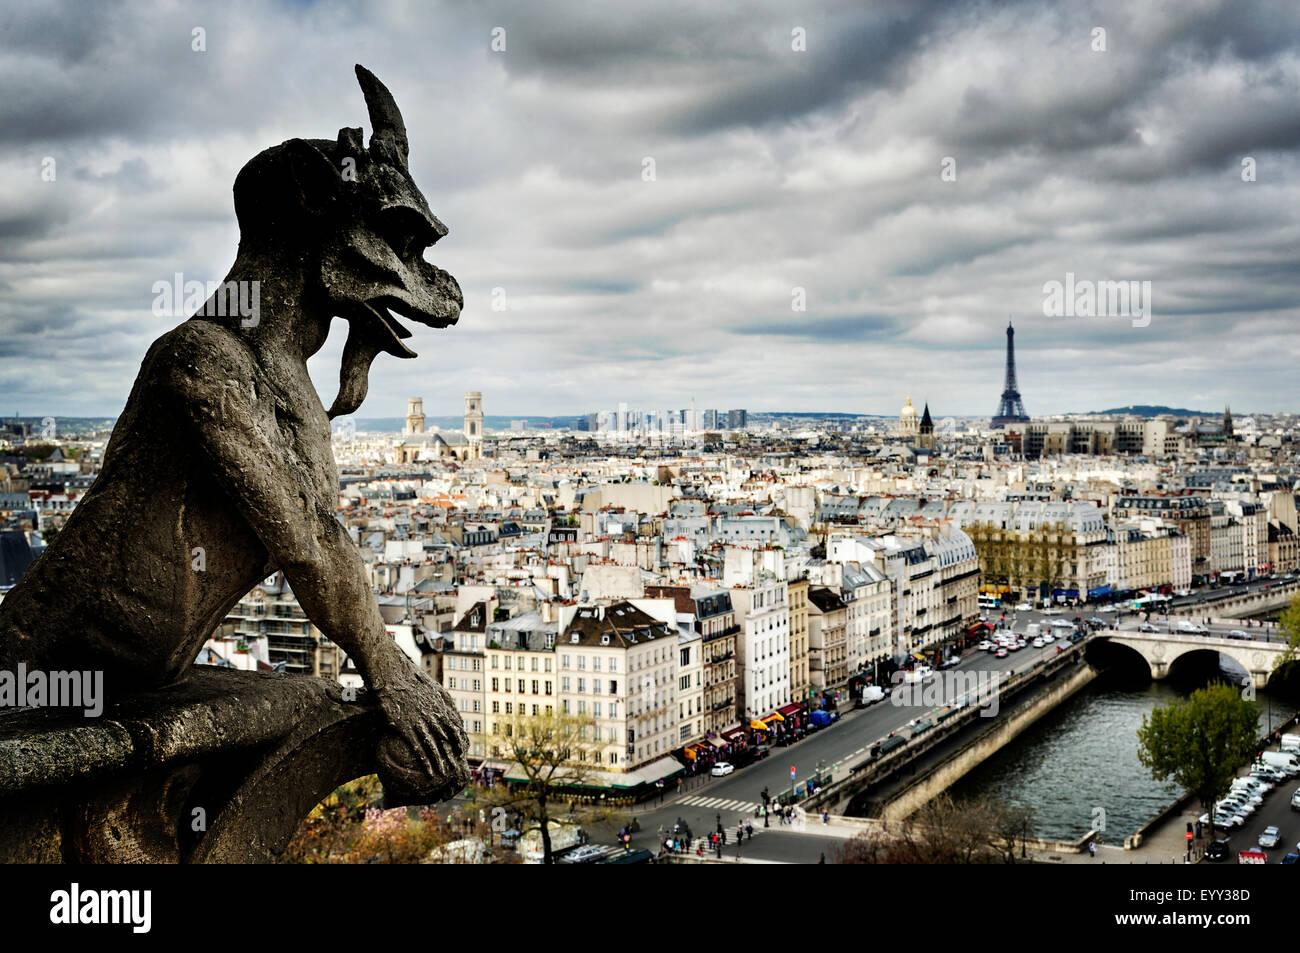 Sculpture de gargouille sur Paris, Ile-de-France, France Photo Stock